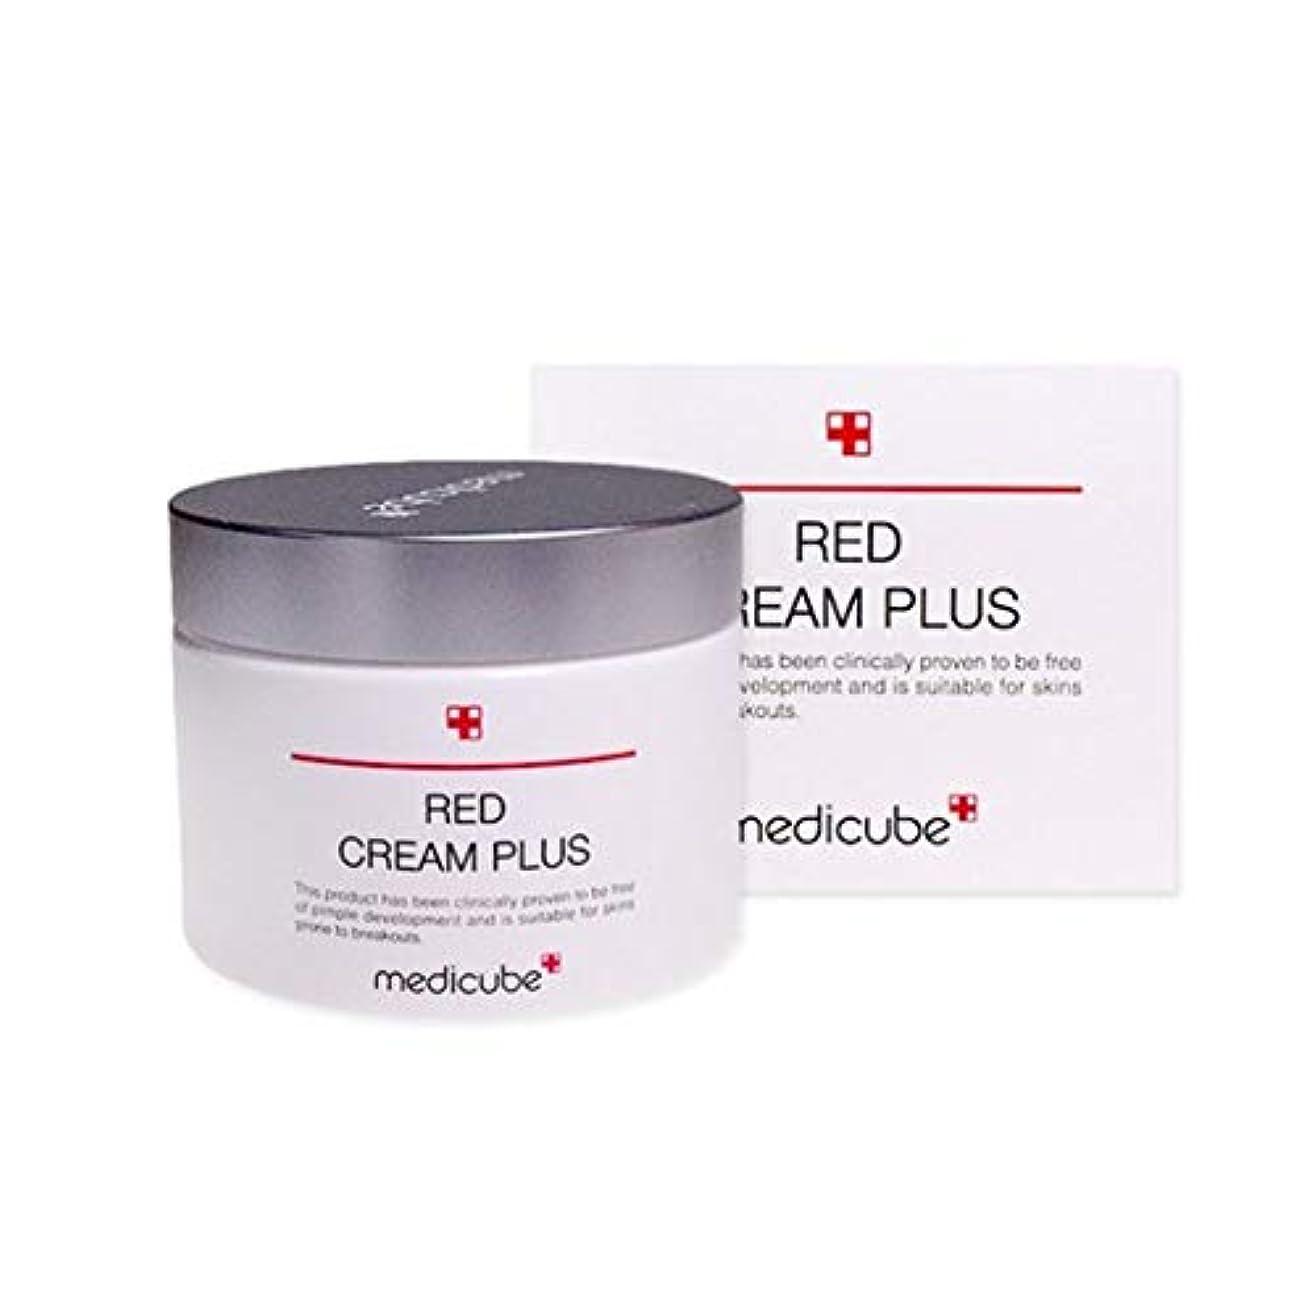 偏心不従順一族メディキューブレッドクリームプラス100ml韓国コスメ、Medicube Red Cream Plus 100ml Korean Cosmetics [並行輸入品]